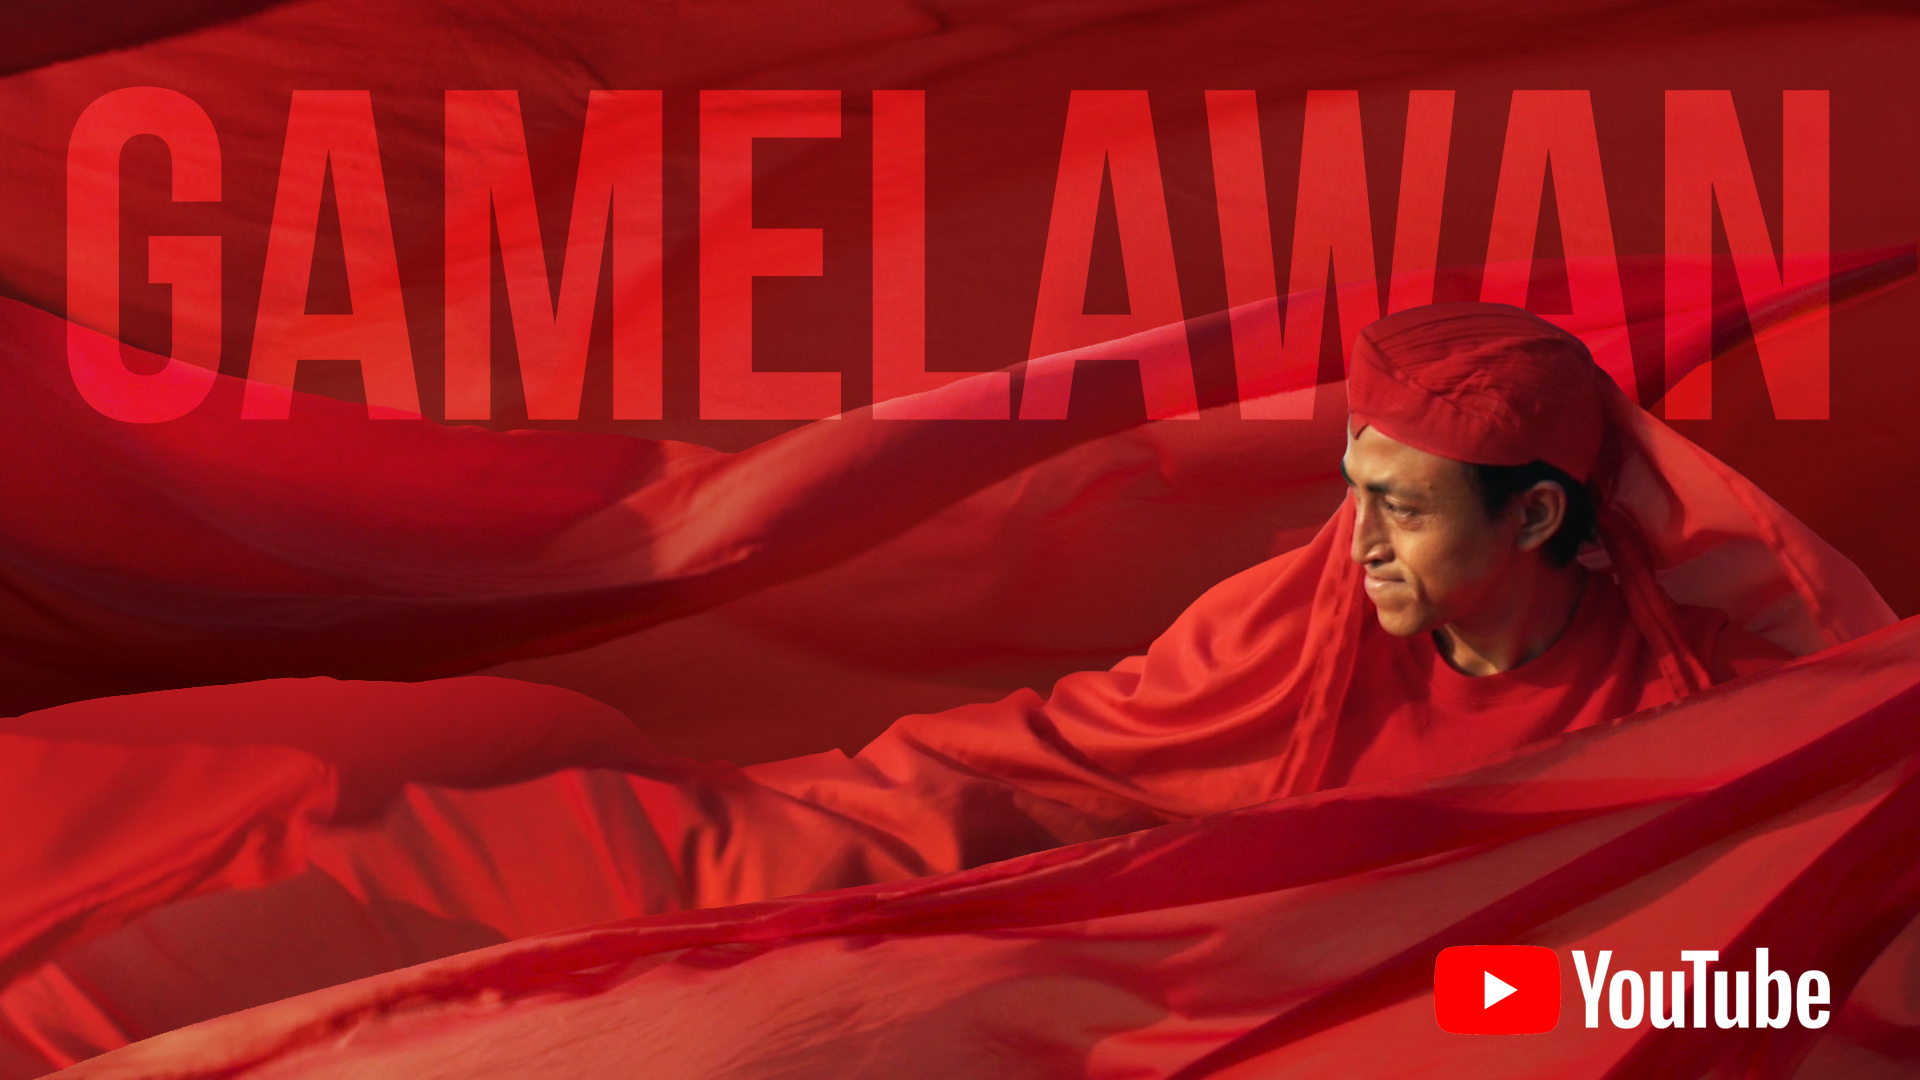 GAMELAWAN / 2017 / Documentary